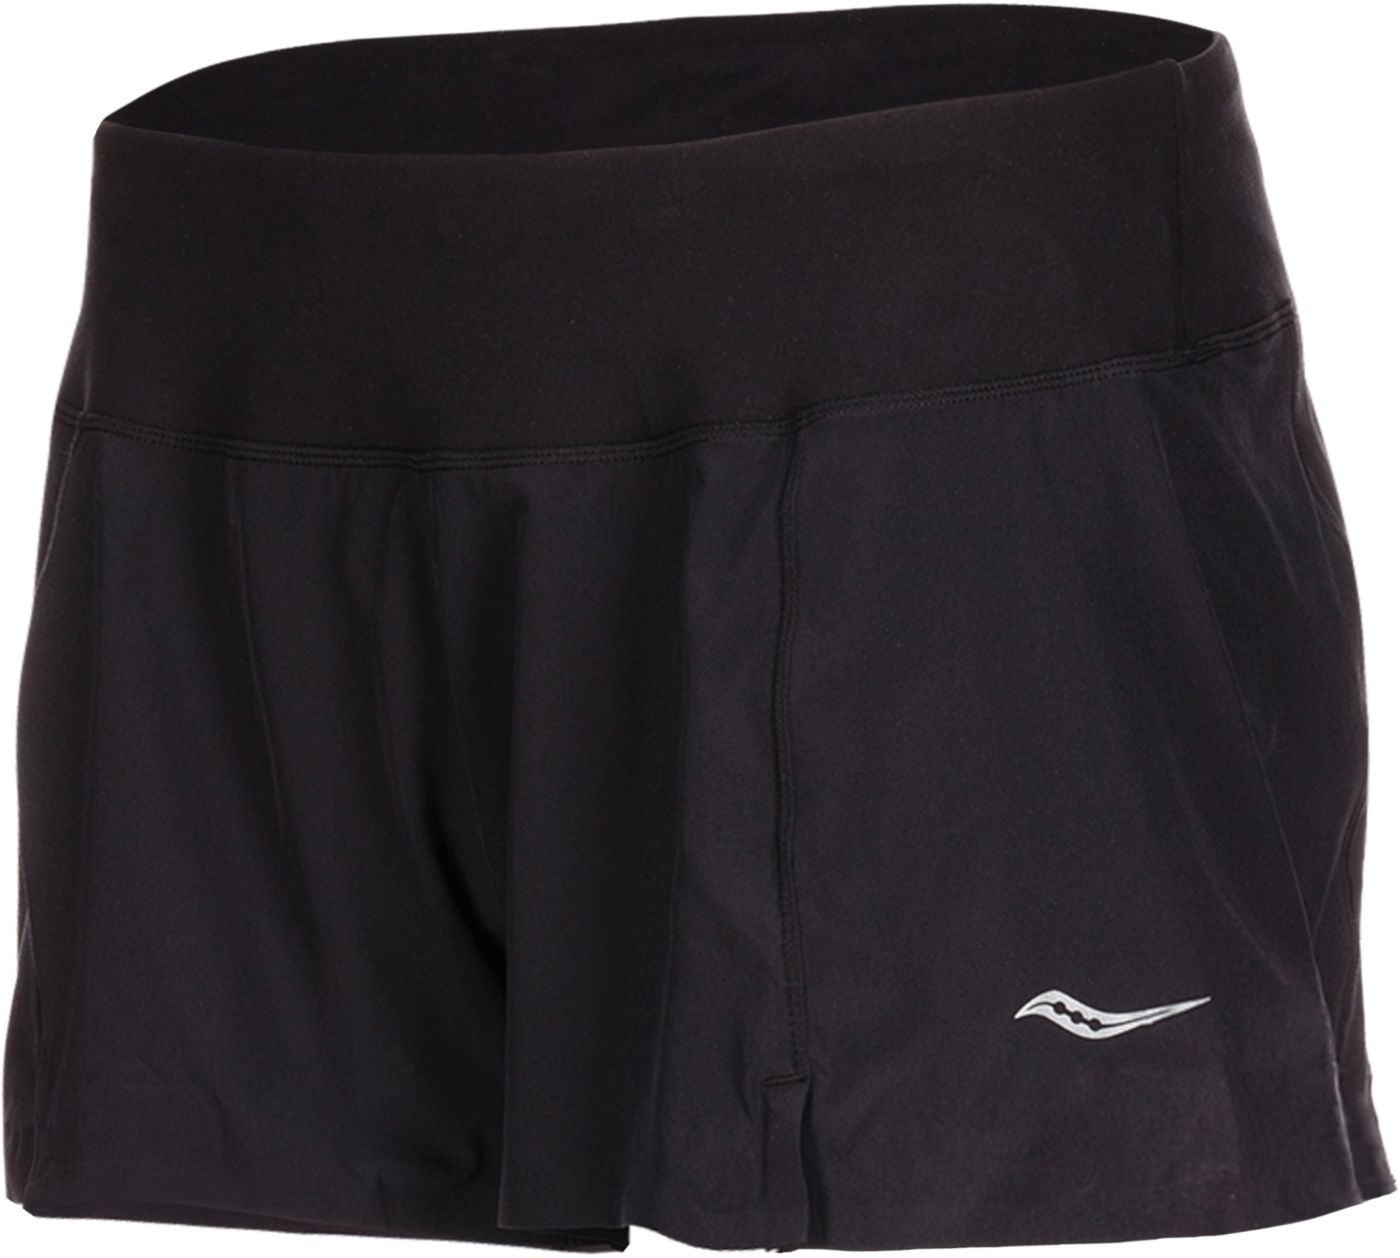 Saucony Women's Pinnacle Running Shorts